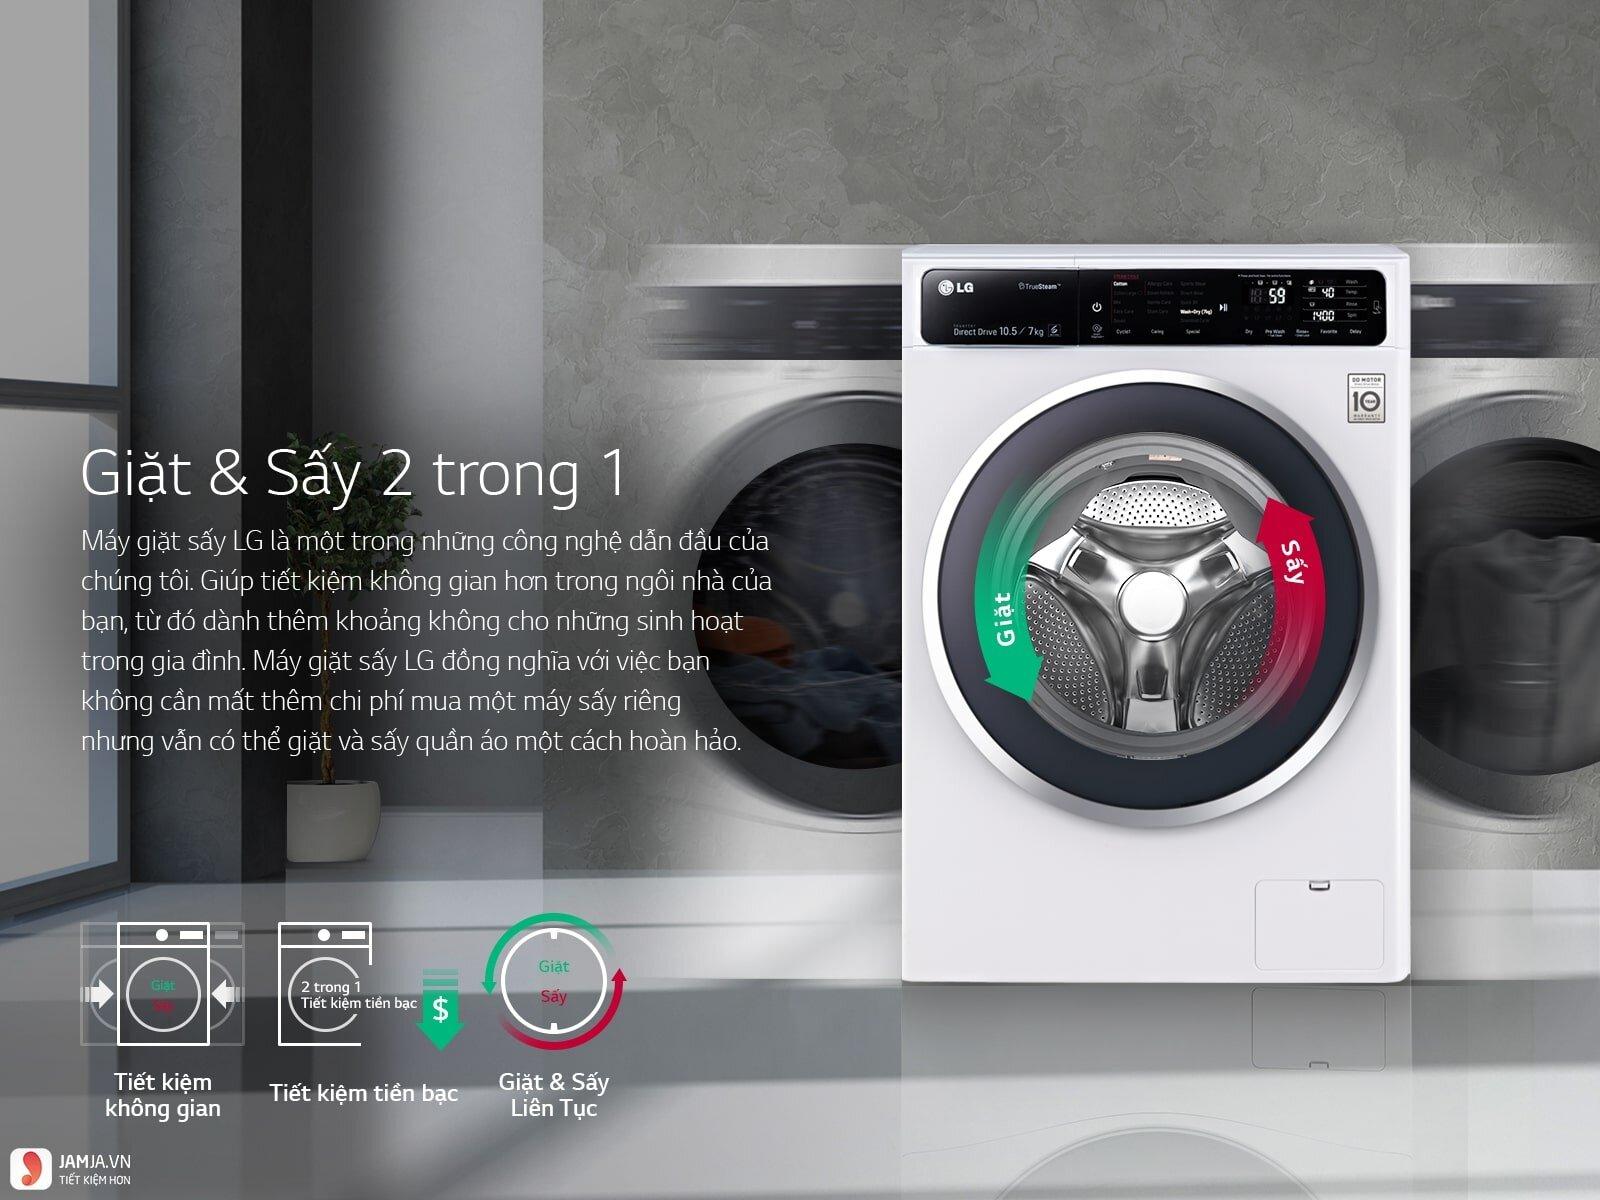 Máy giặt cửa ngang của LG có tốt không?